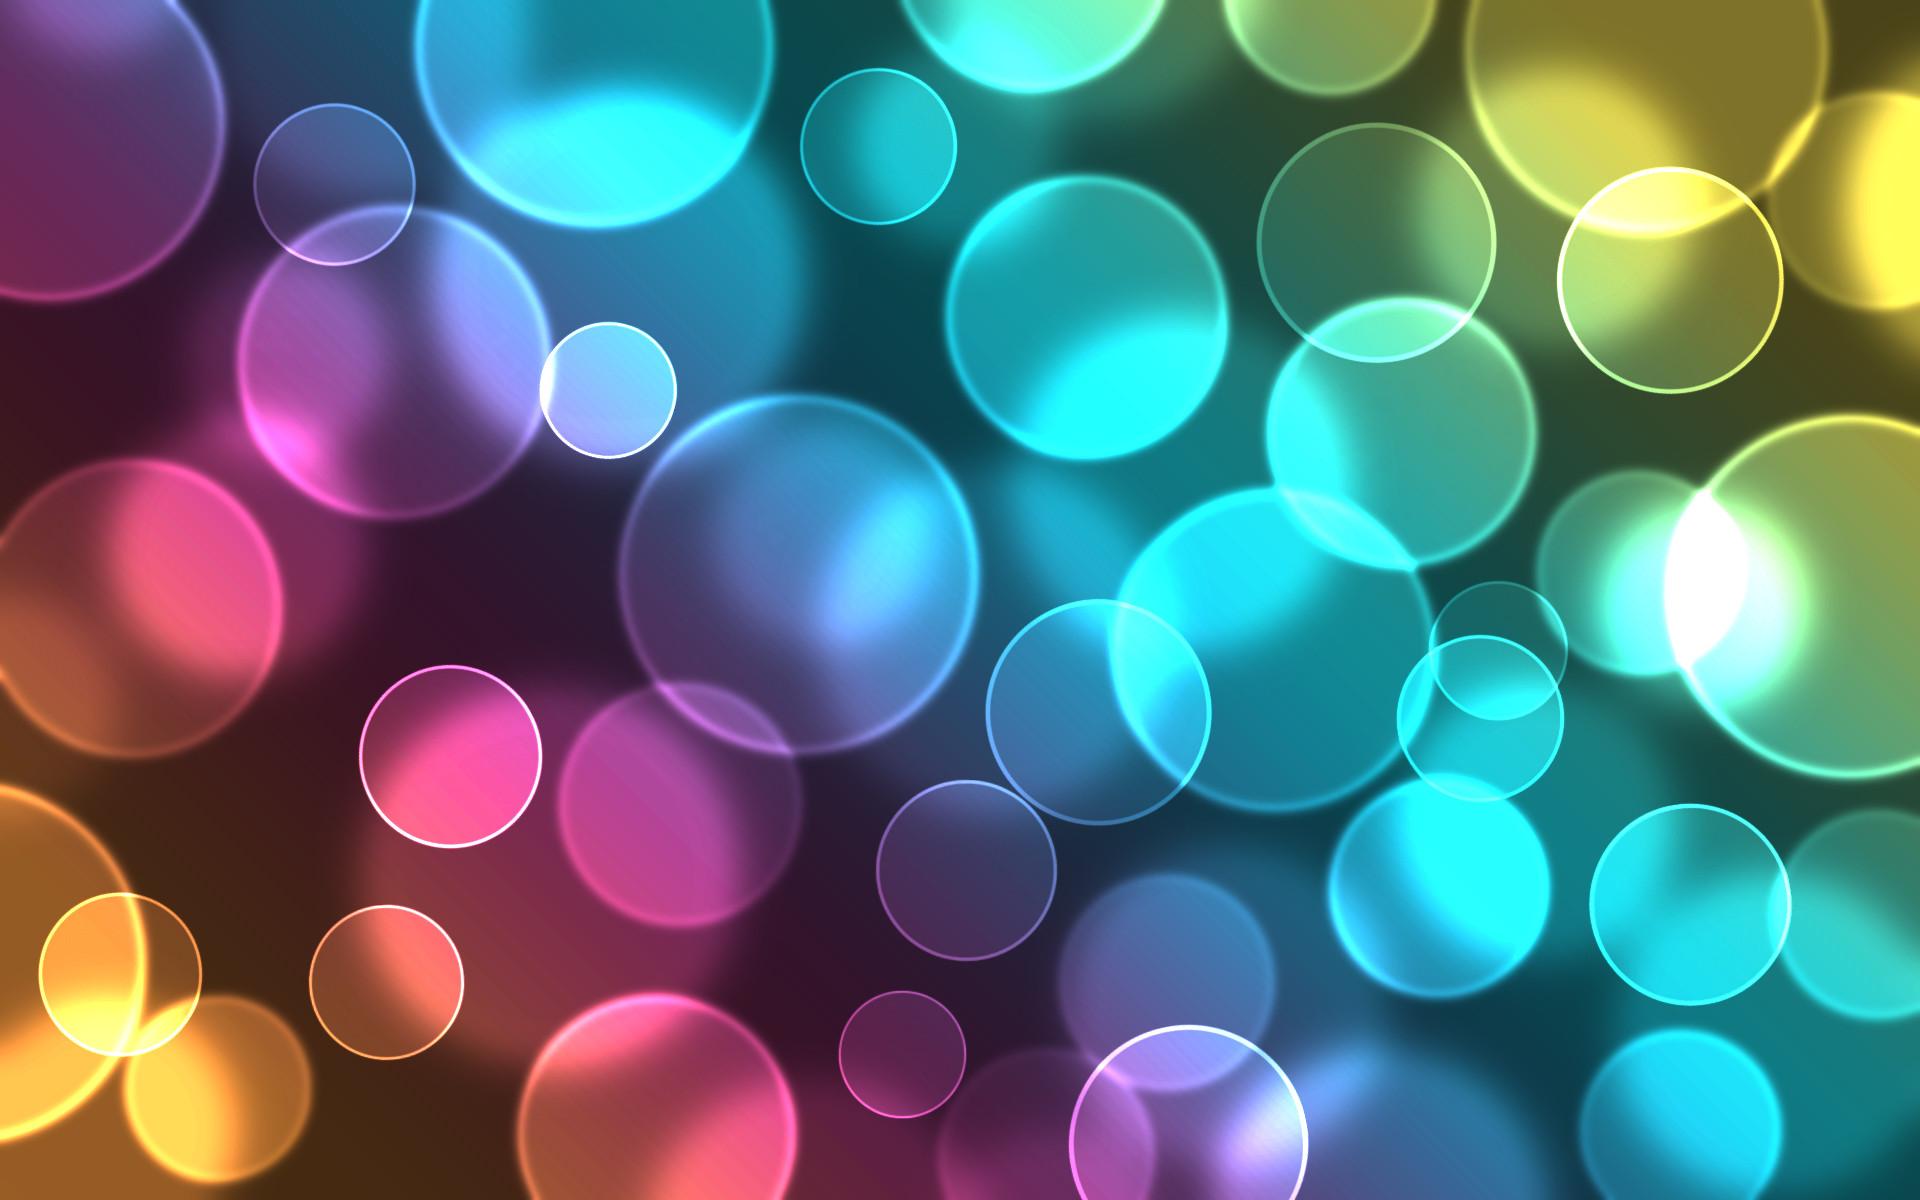 Colorful-Bokeh-Wallpaper-Free-Download-712.jpg (1920×1200) | N-Bubbles |  Pinterest | Bokeh, Hd wallpaper and Wallpaper